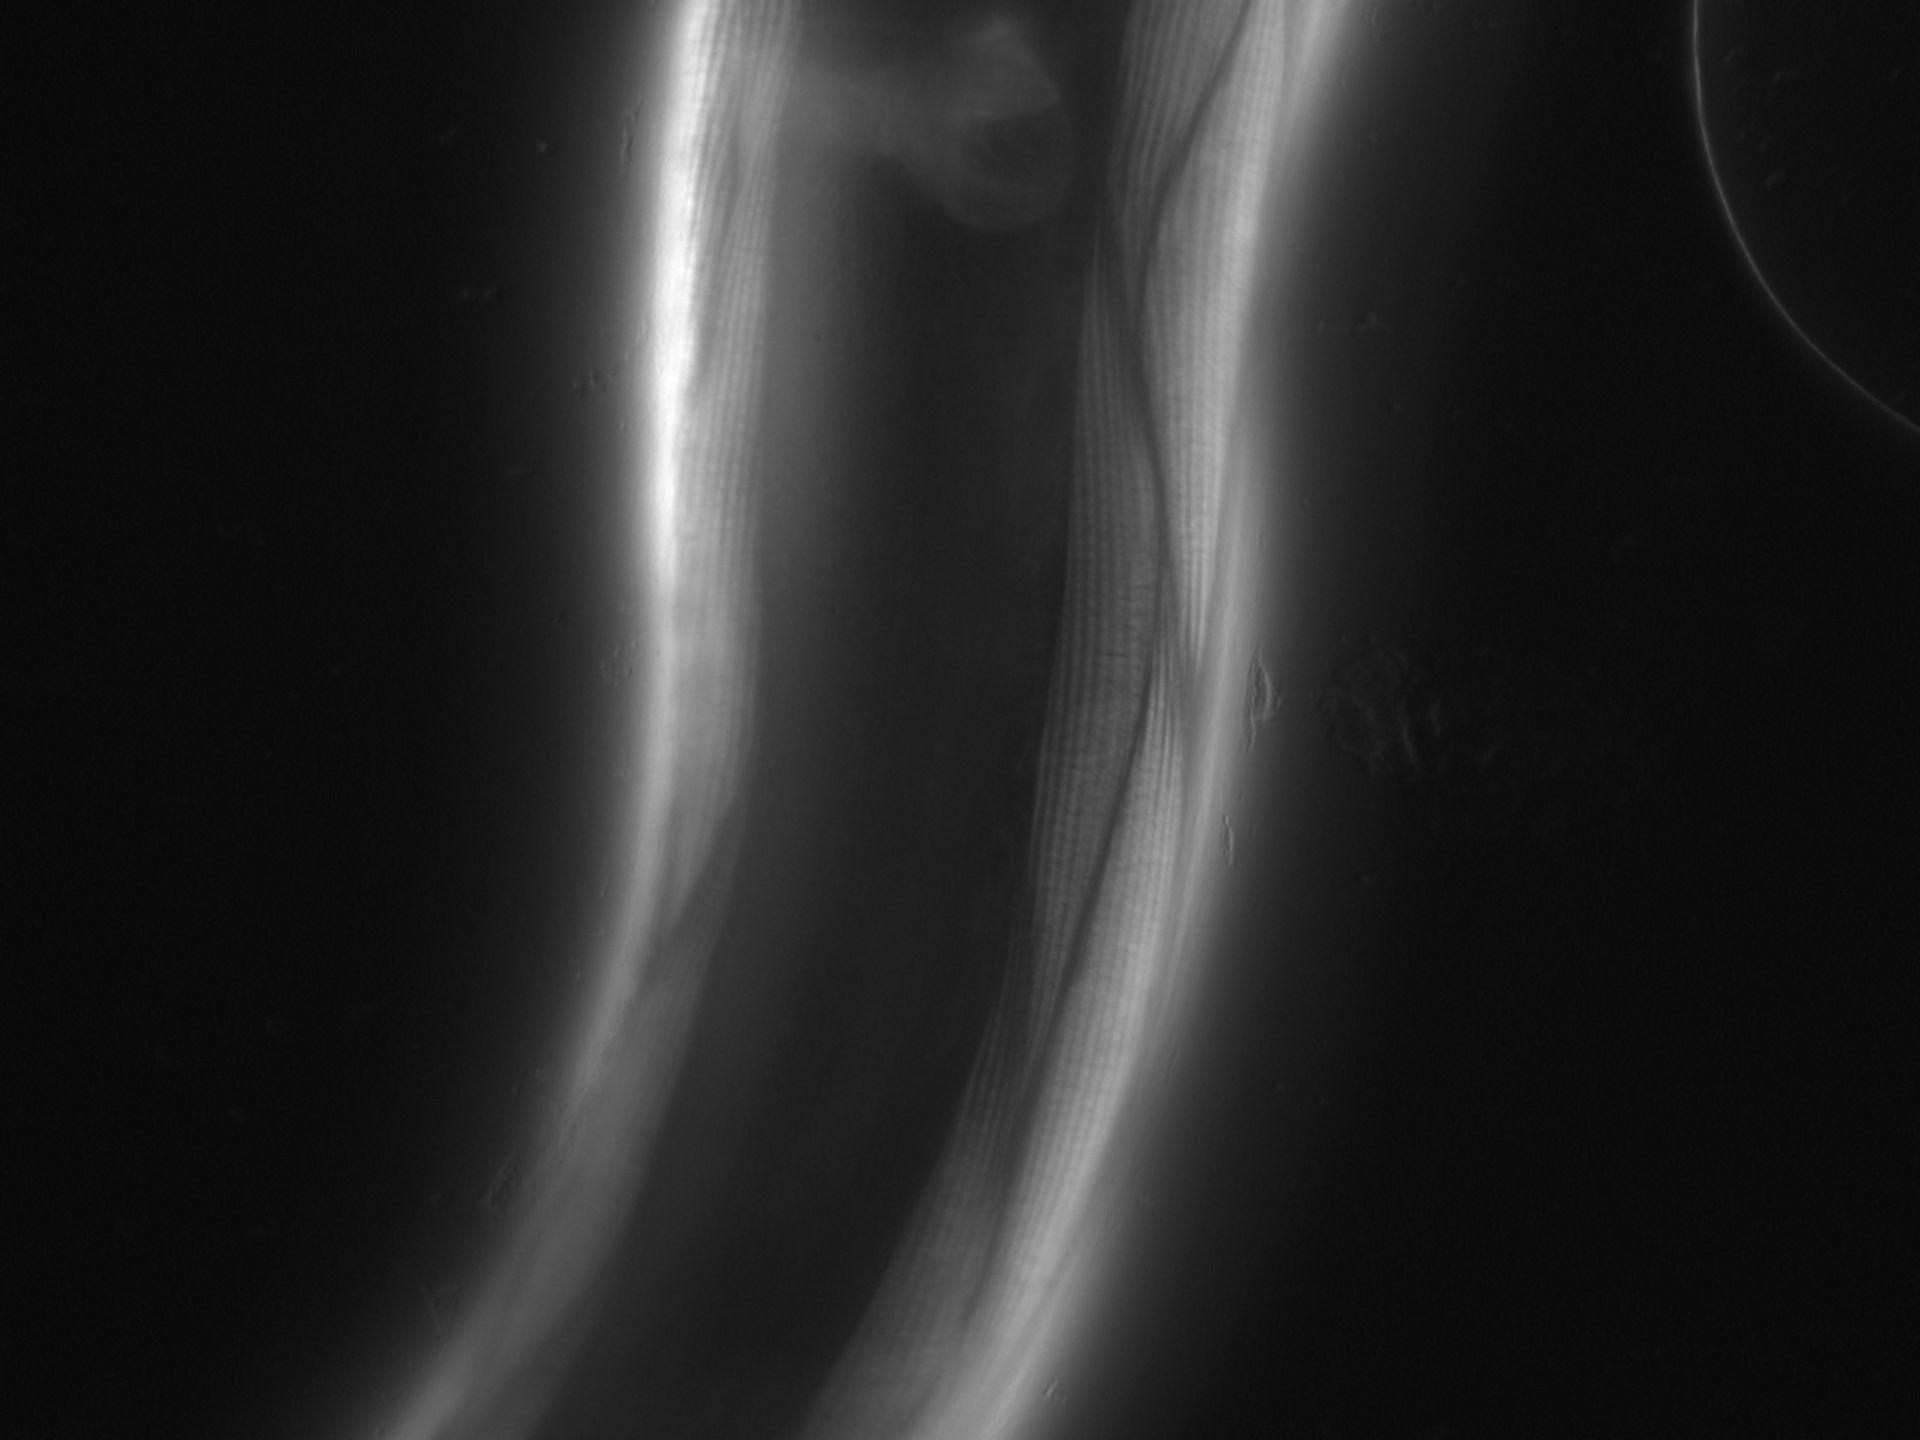 Caenorhabditis elegans (Actin filament) - CIL:1081